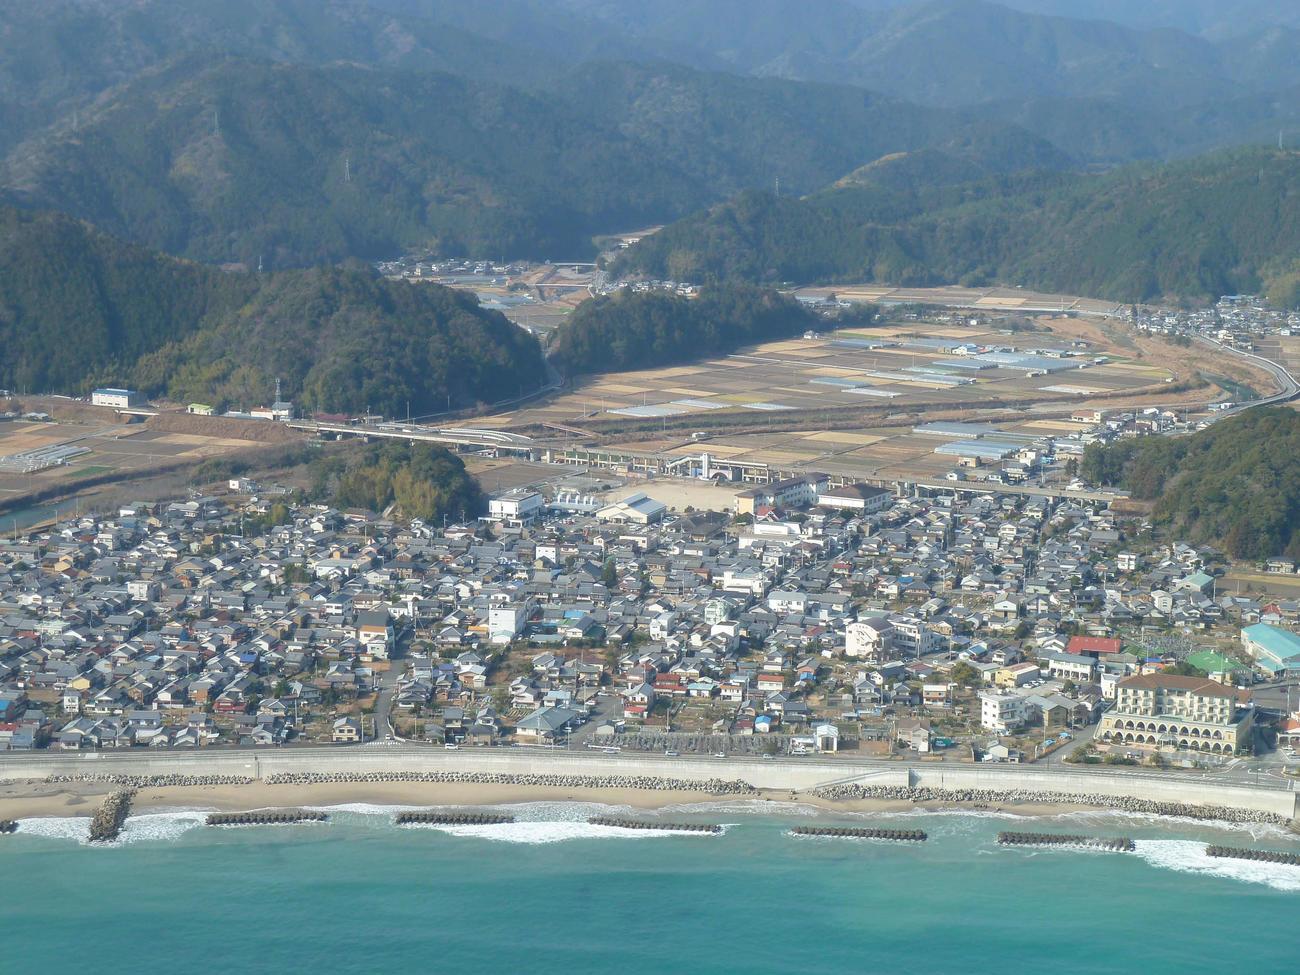 徳島県の最南端に位置する宍喰町(現海陽町)。太平洋に面する温暖なところ